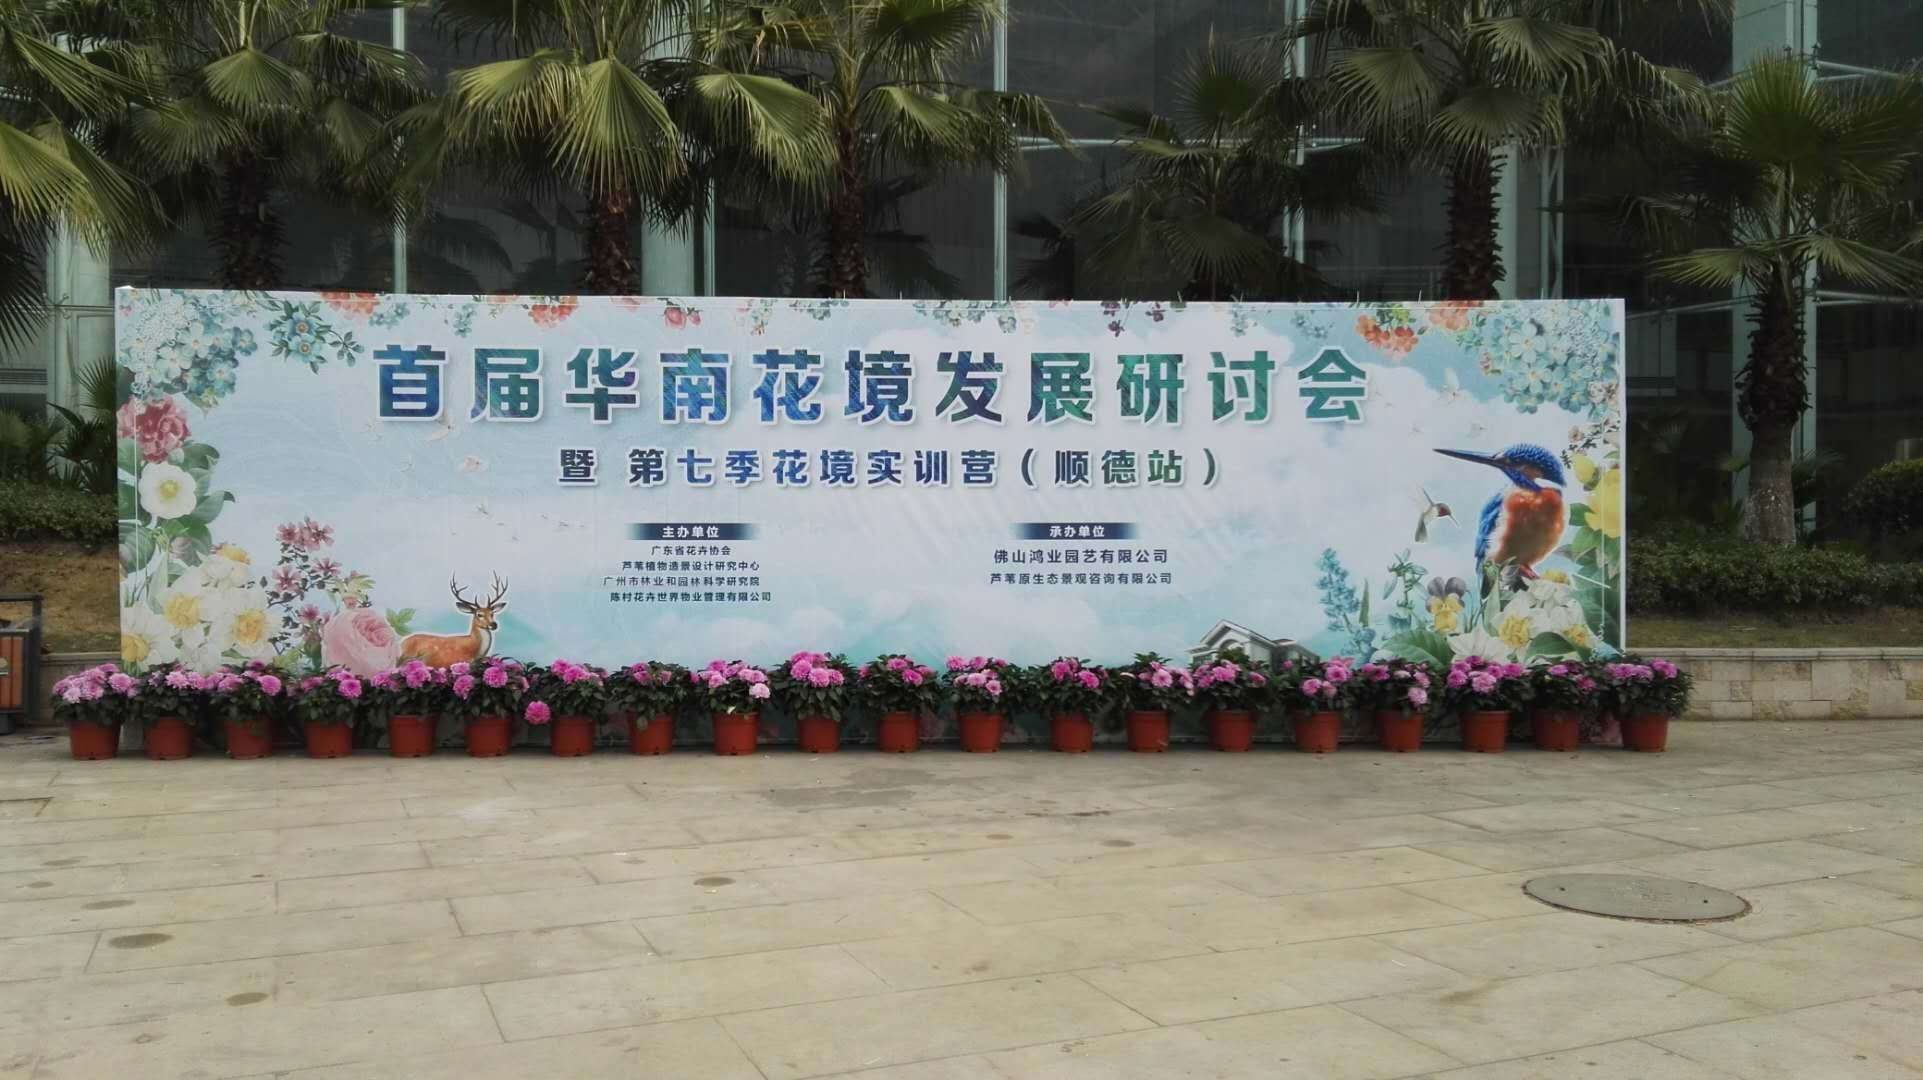 首届华南花境发展研讨会暨第七季花境实训营